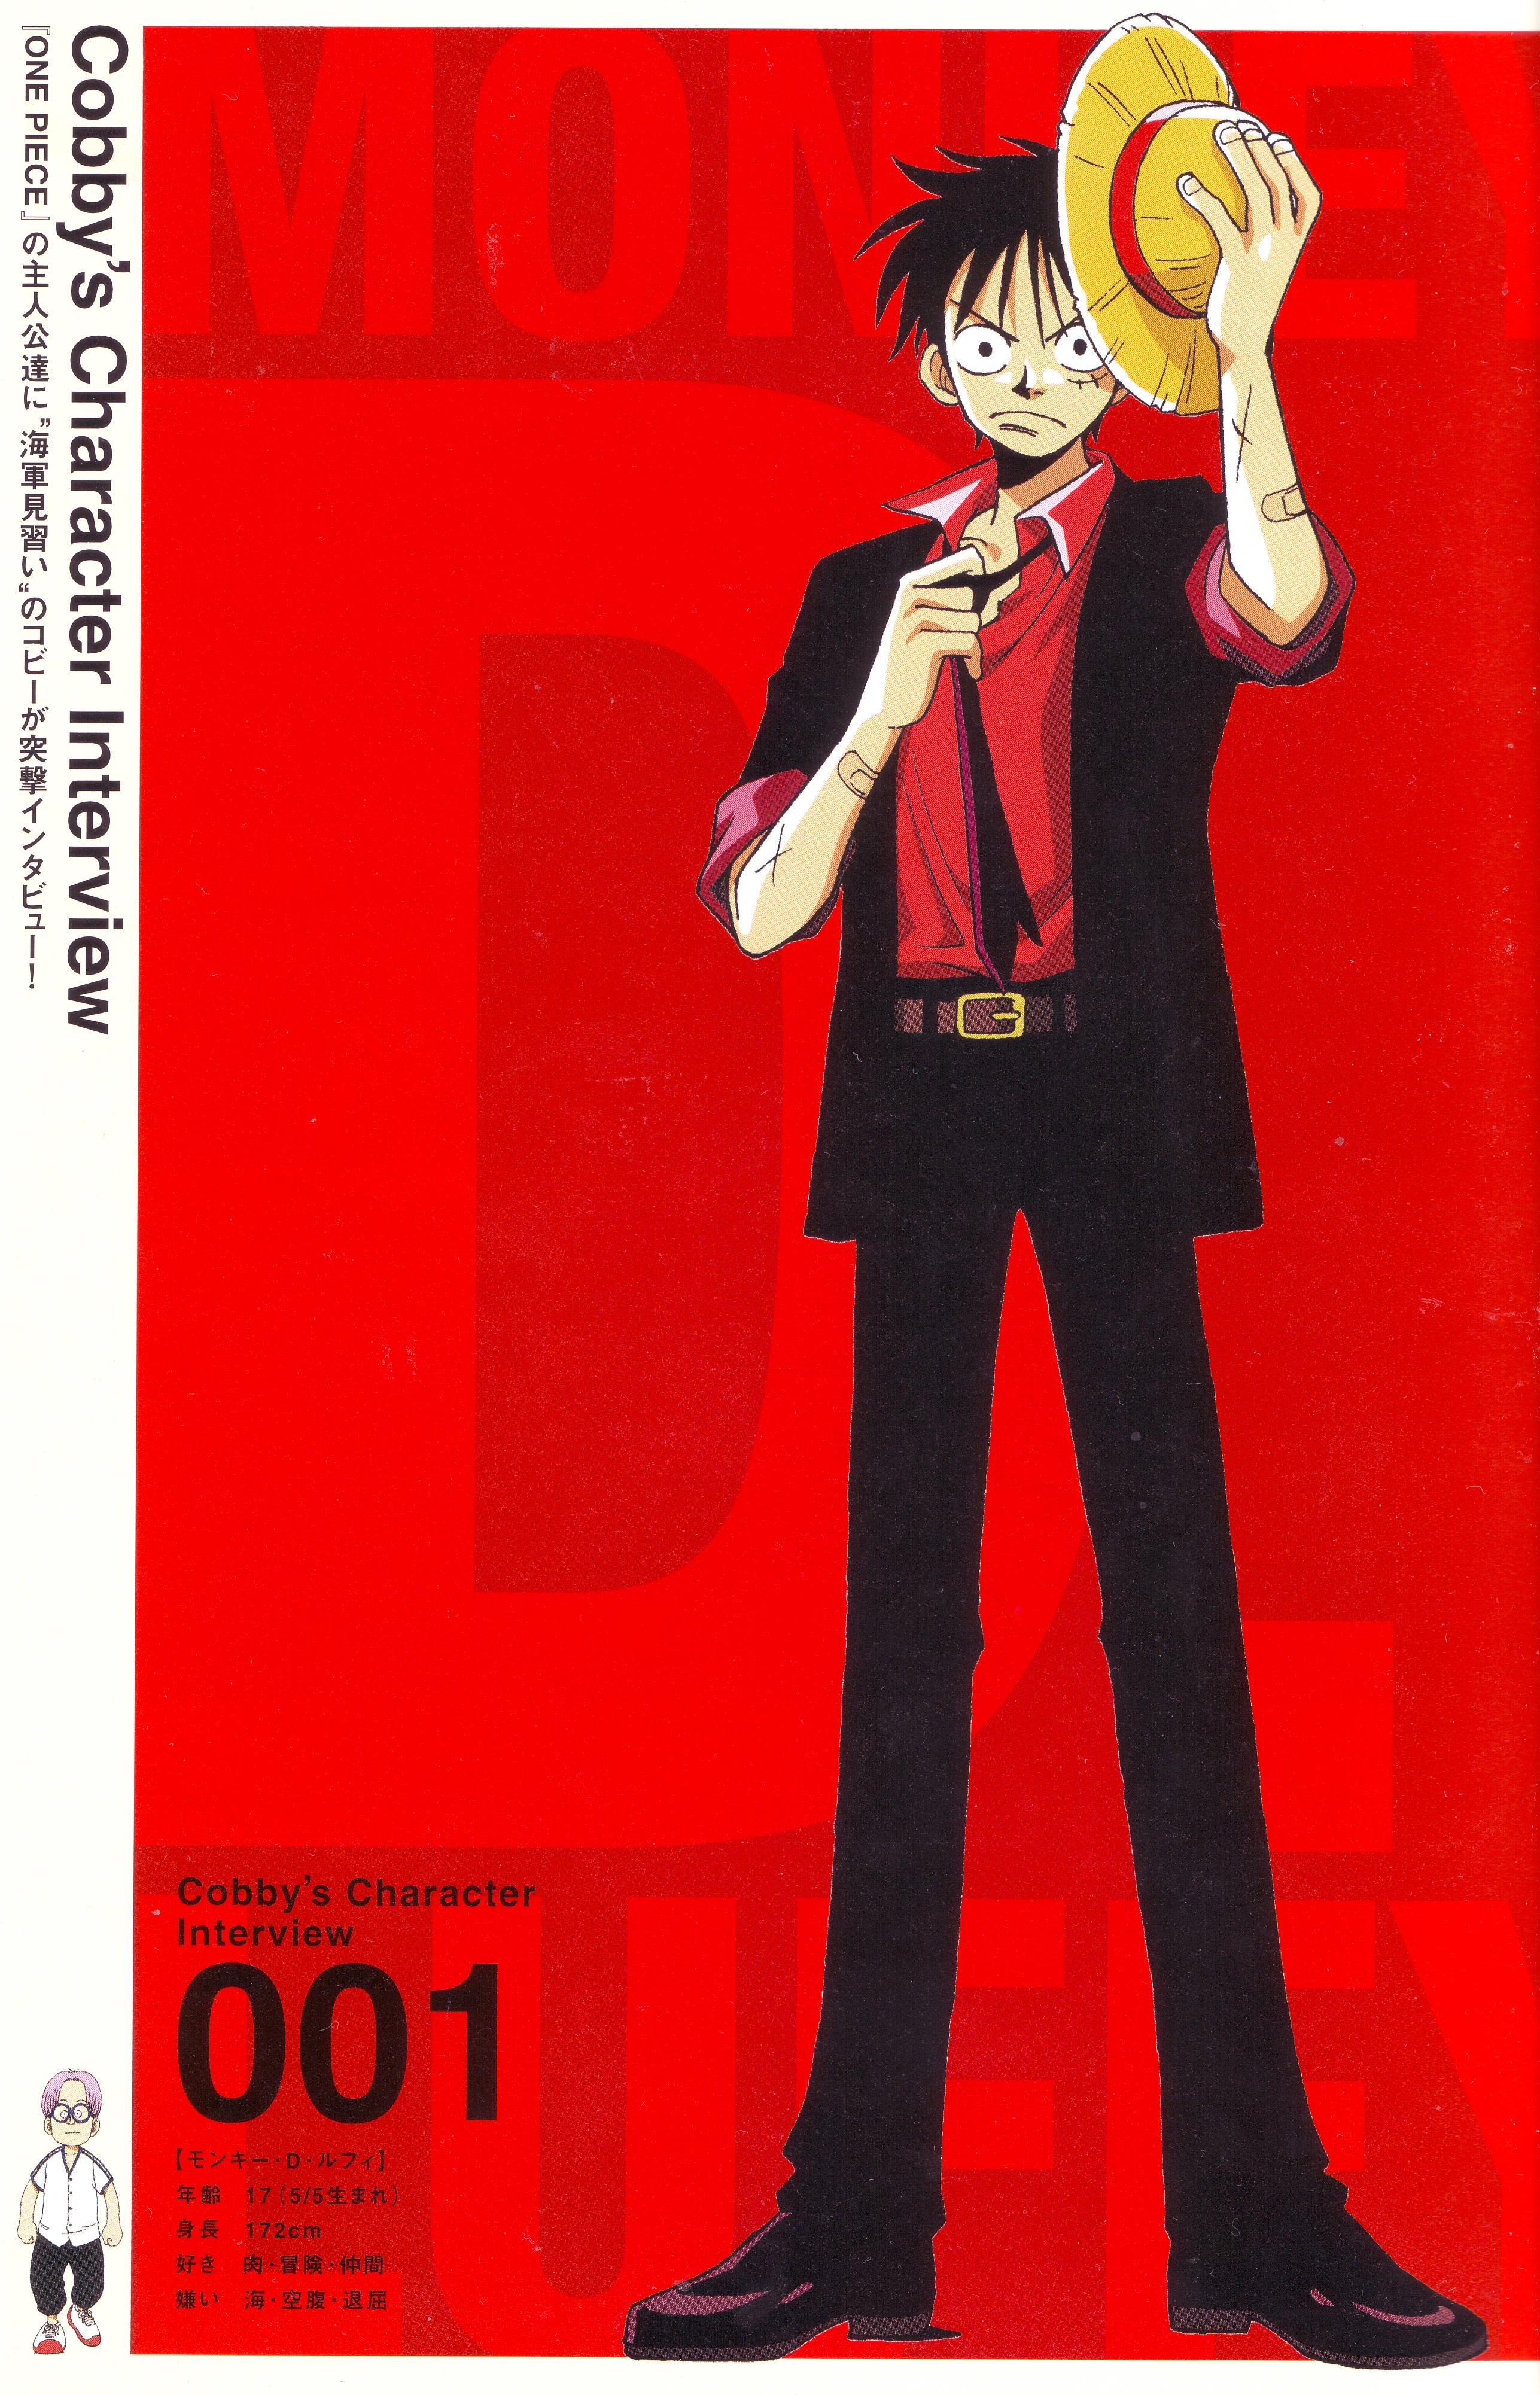 Monkey D. Luffy - ONE PIECE - Wallpaper #992901 - Zerochan